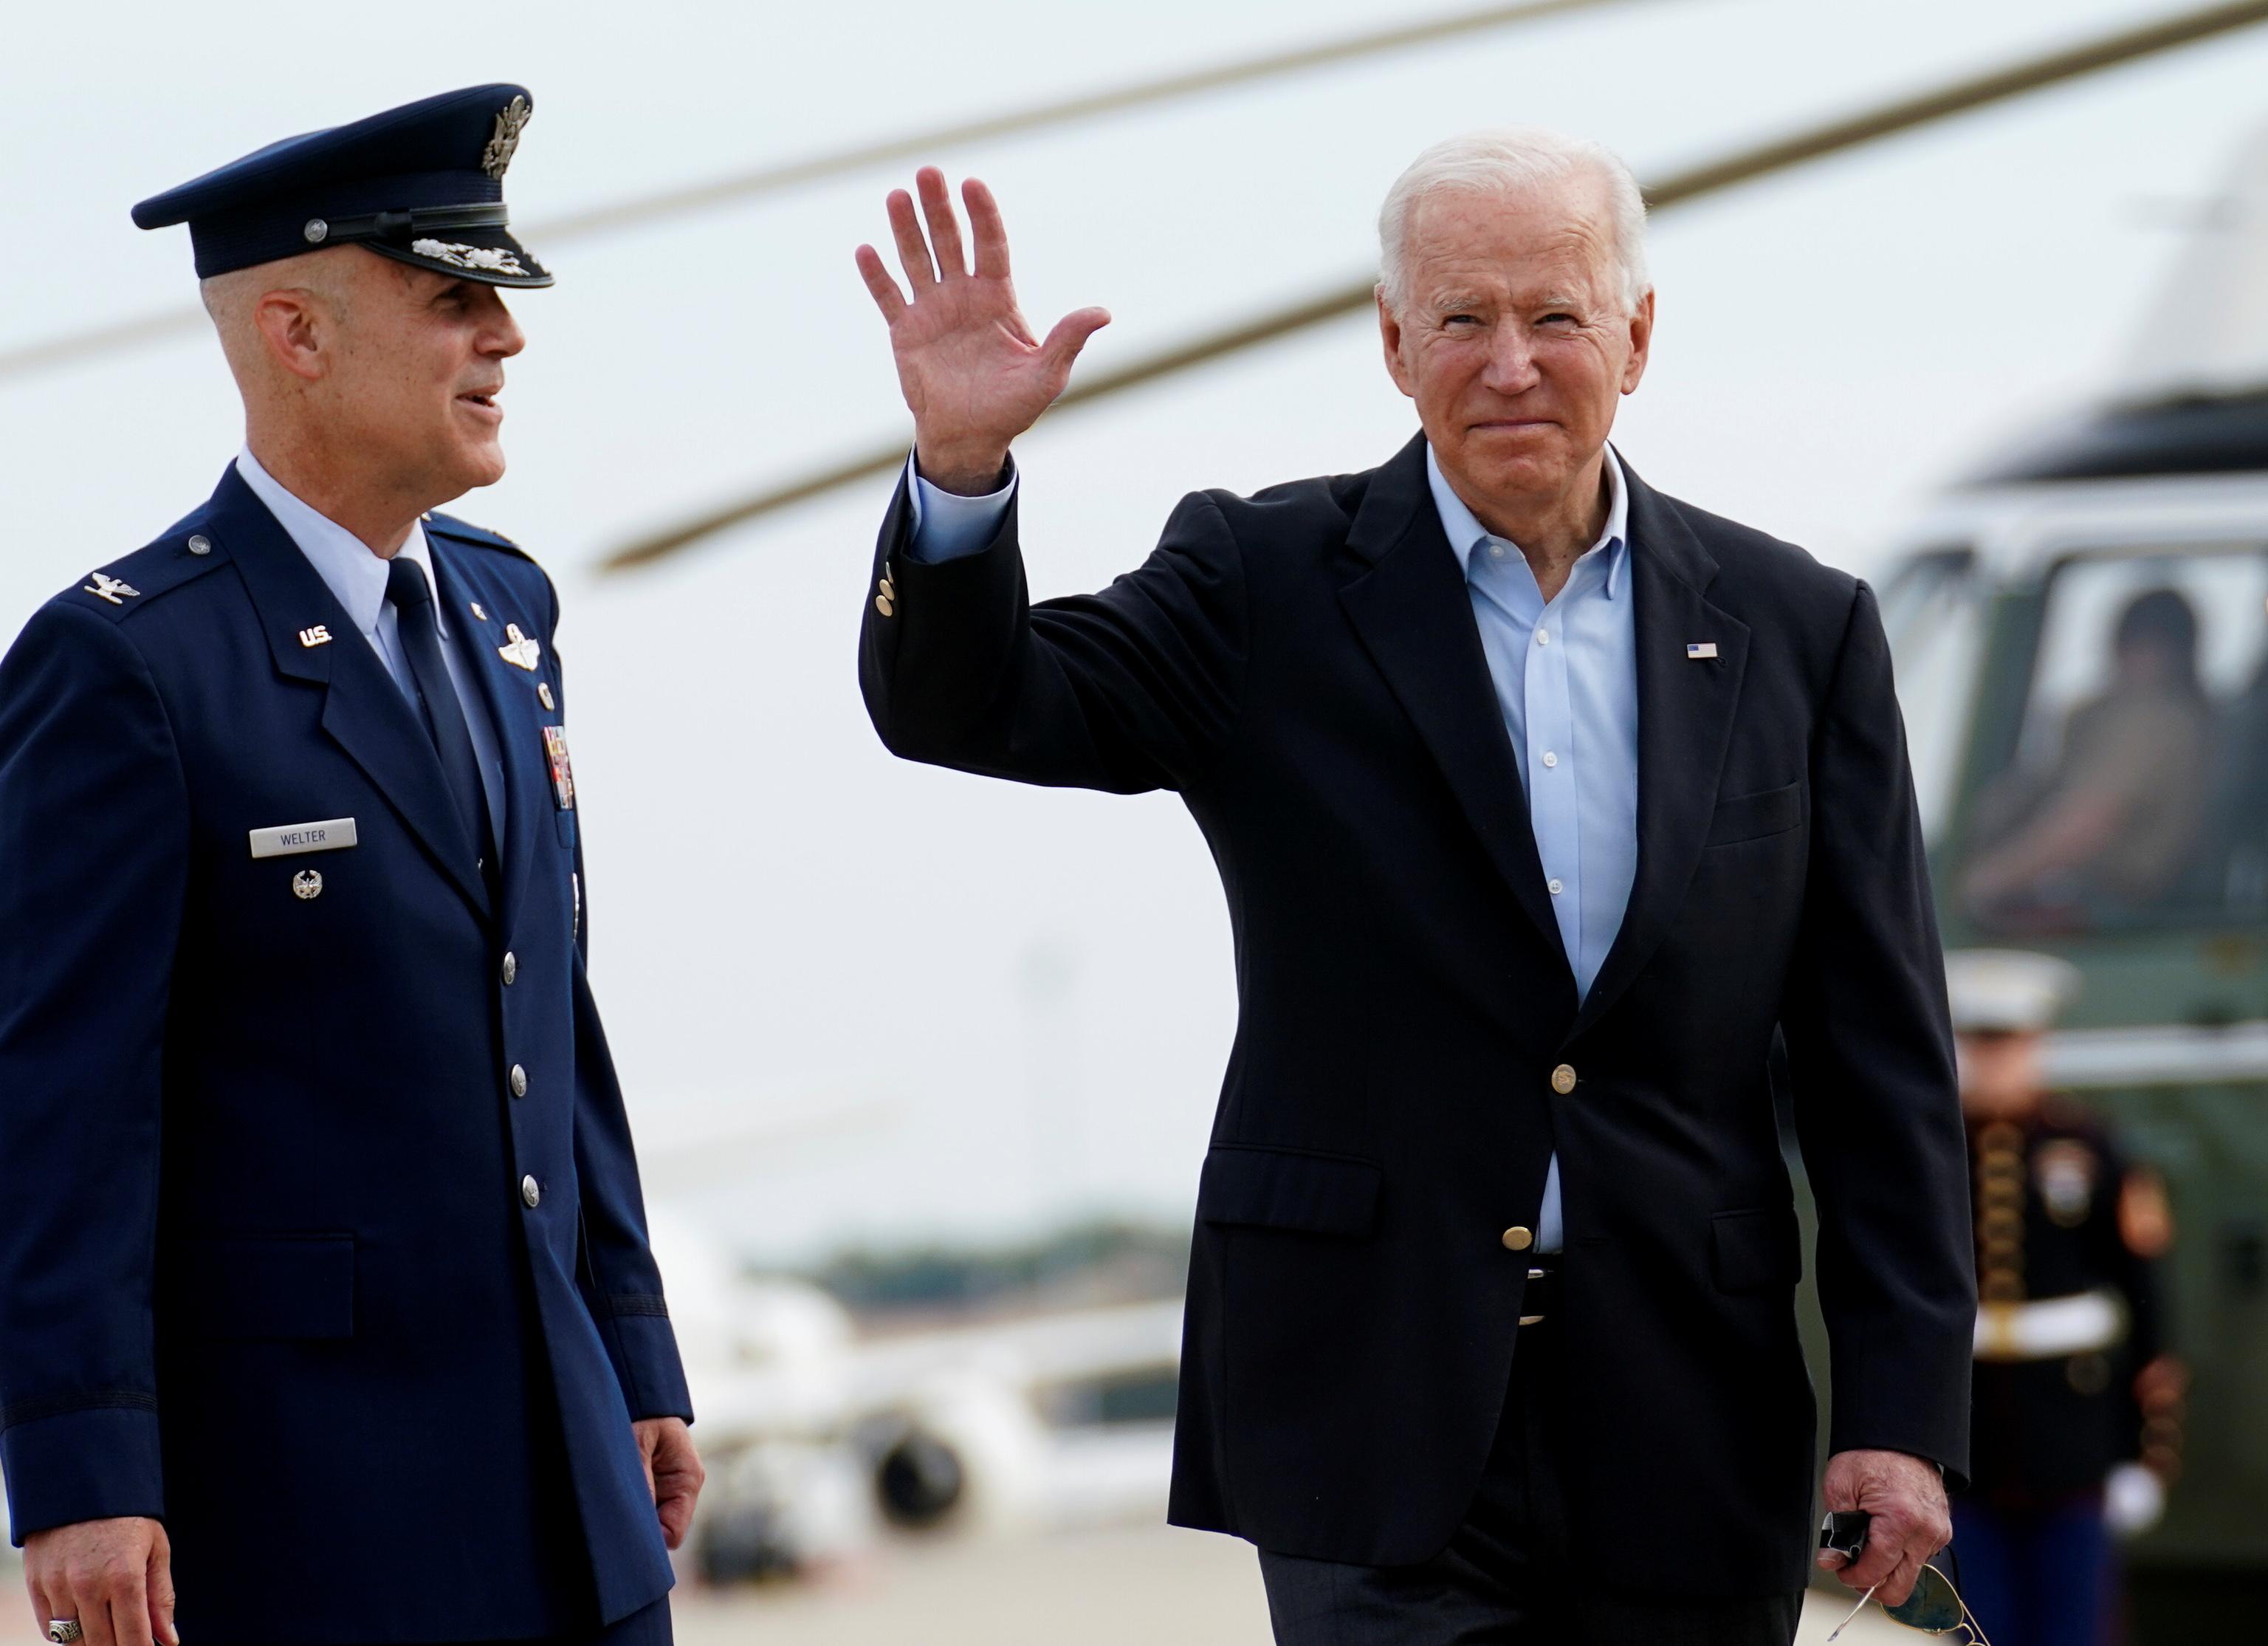 رئیس جمهور ایالات متحده در مریلند ، کمی قبل از عزیمت به انگلستان.